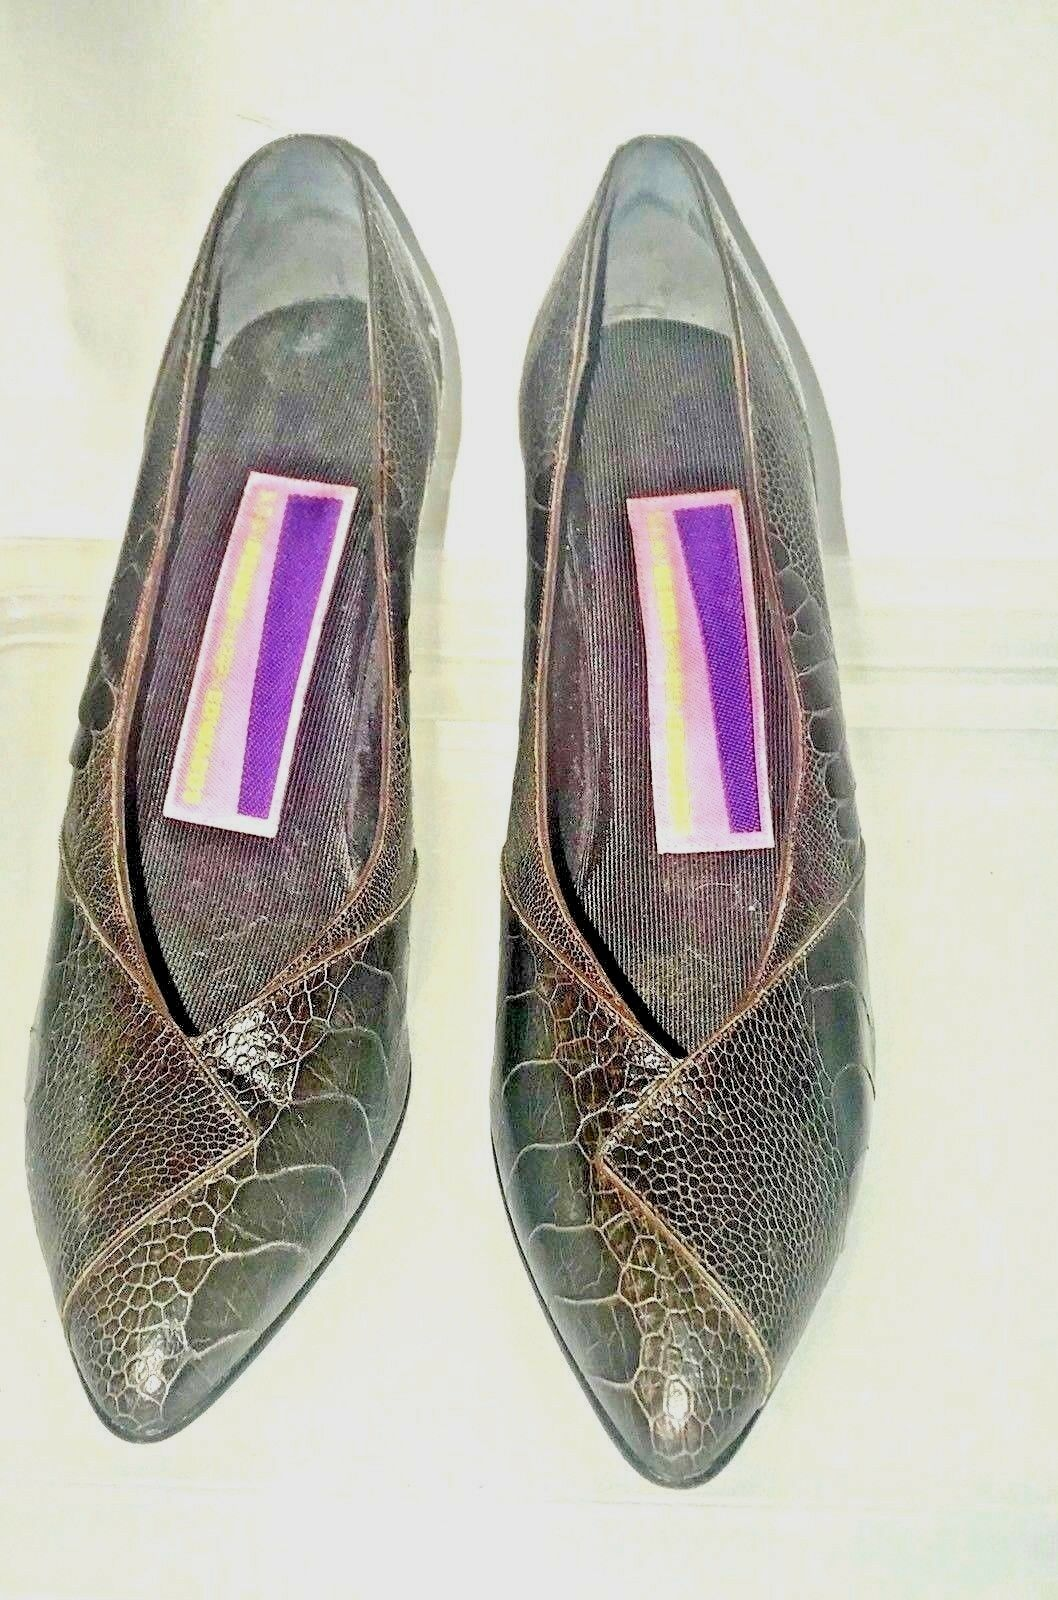 Susan bennis Multi Marrón Cuero Zapatos 8 1 2 2 2 B propietario original se ejecuta pequeño cabe 8 d8b60d